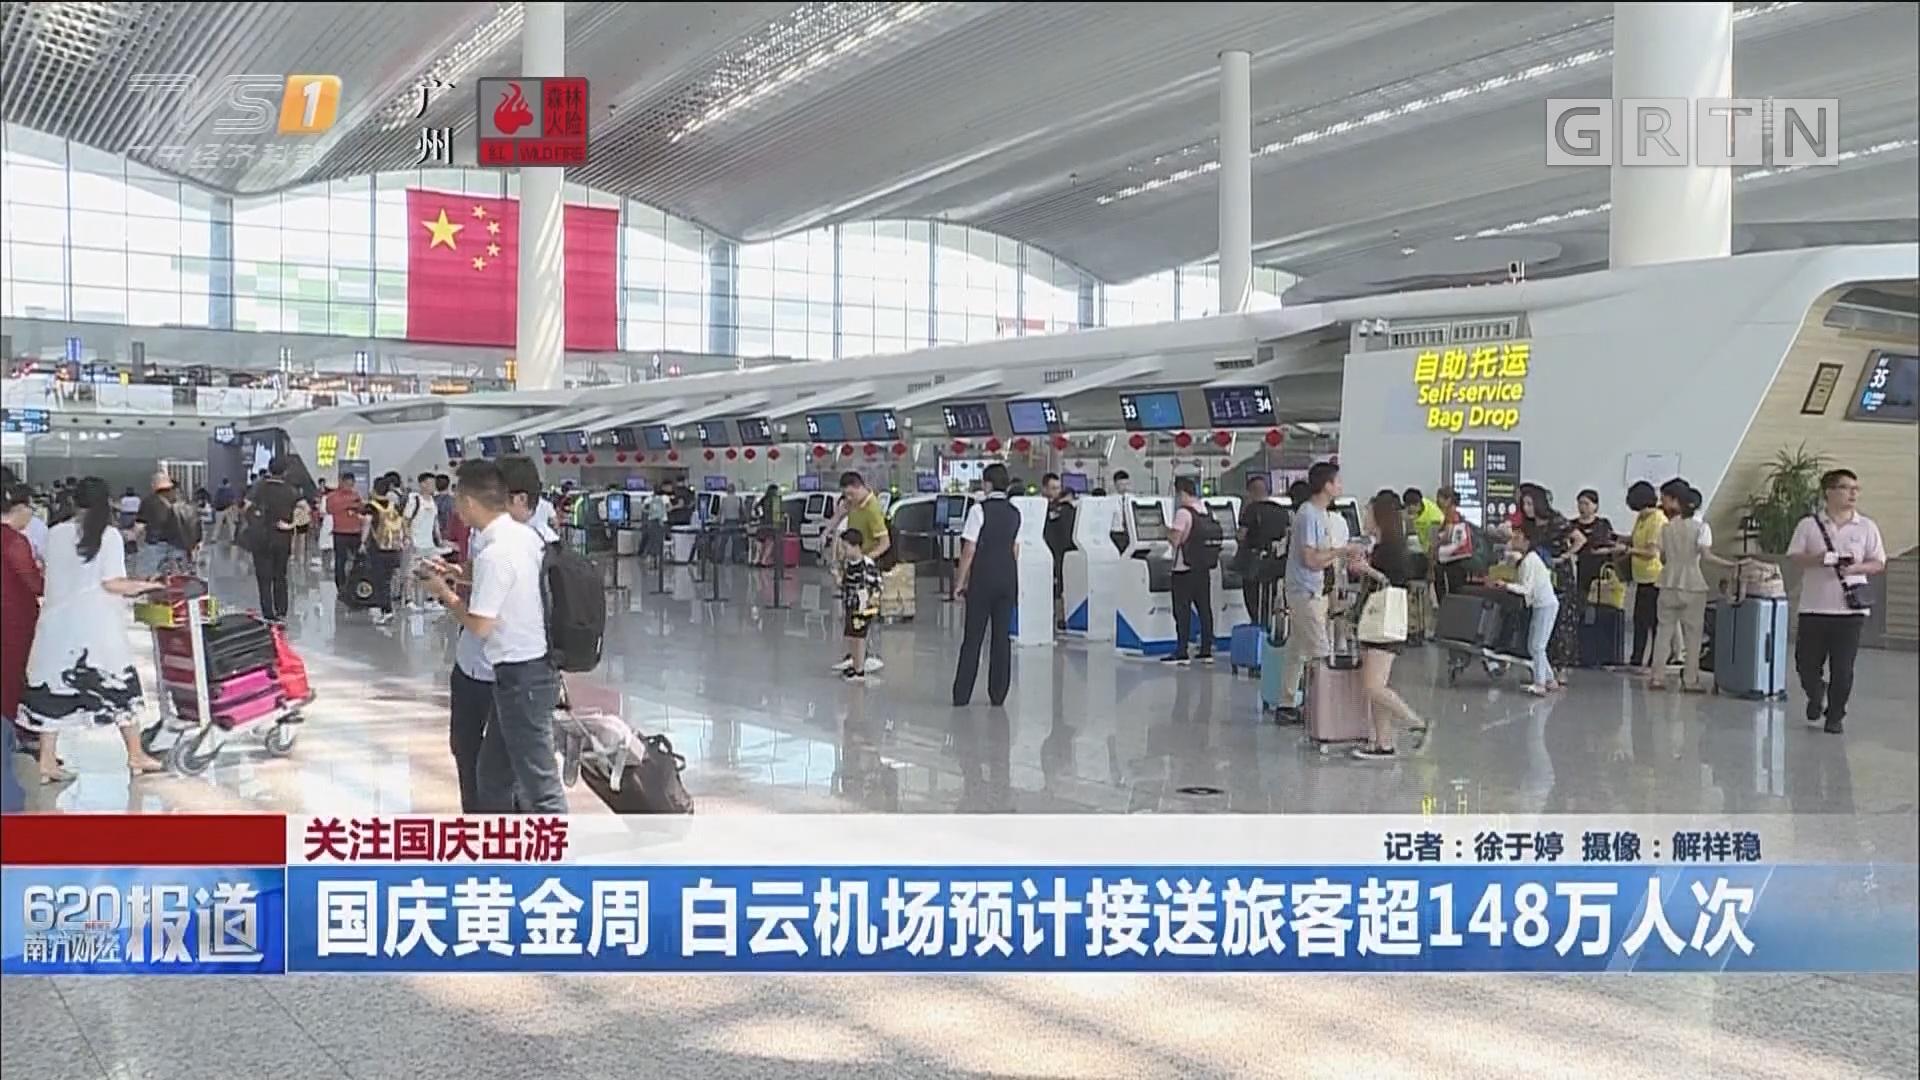 关注国庆出游:国庆黄金周 白云机场预计接送旅客超148万人次